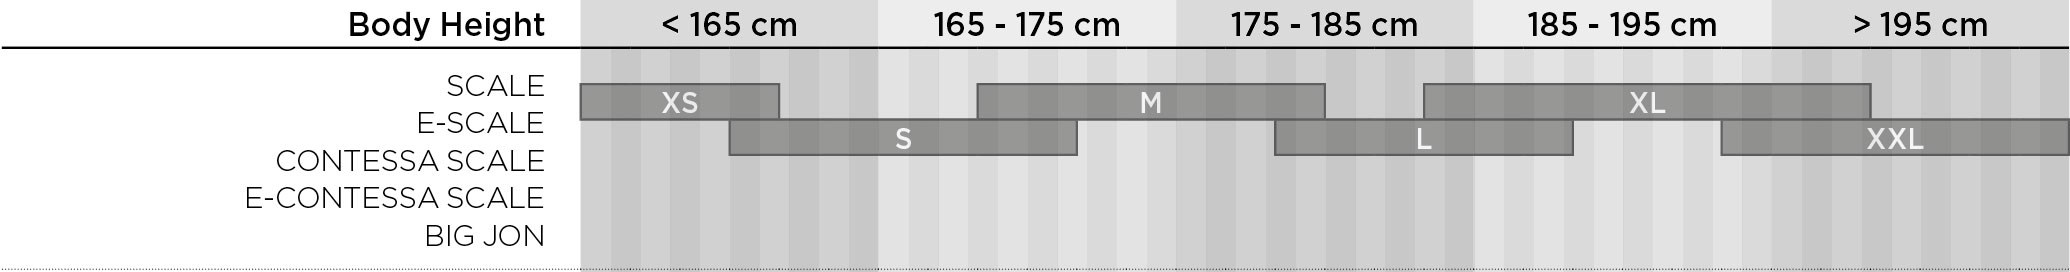 Scott Scale and Contessa comparison table